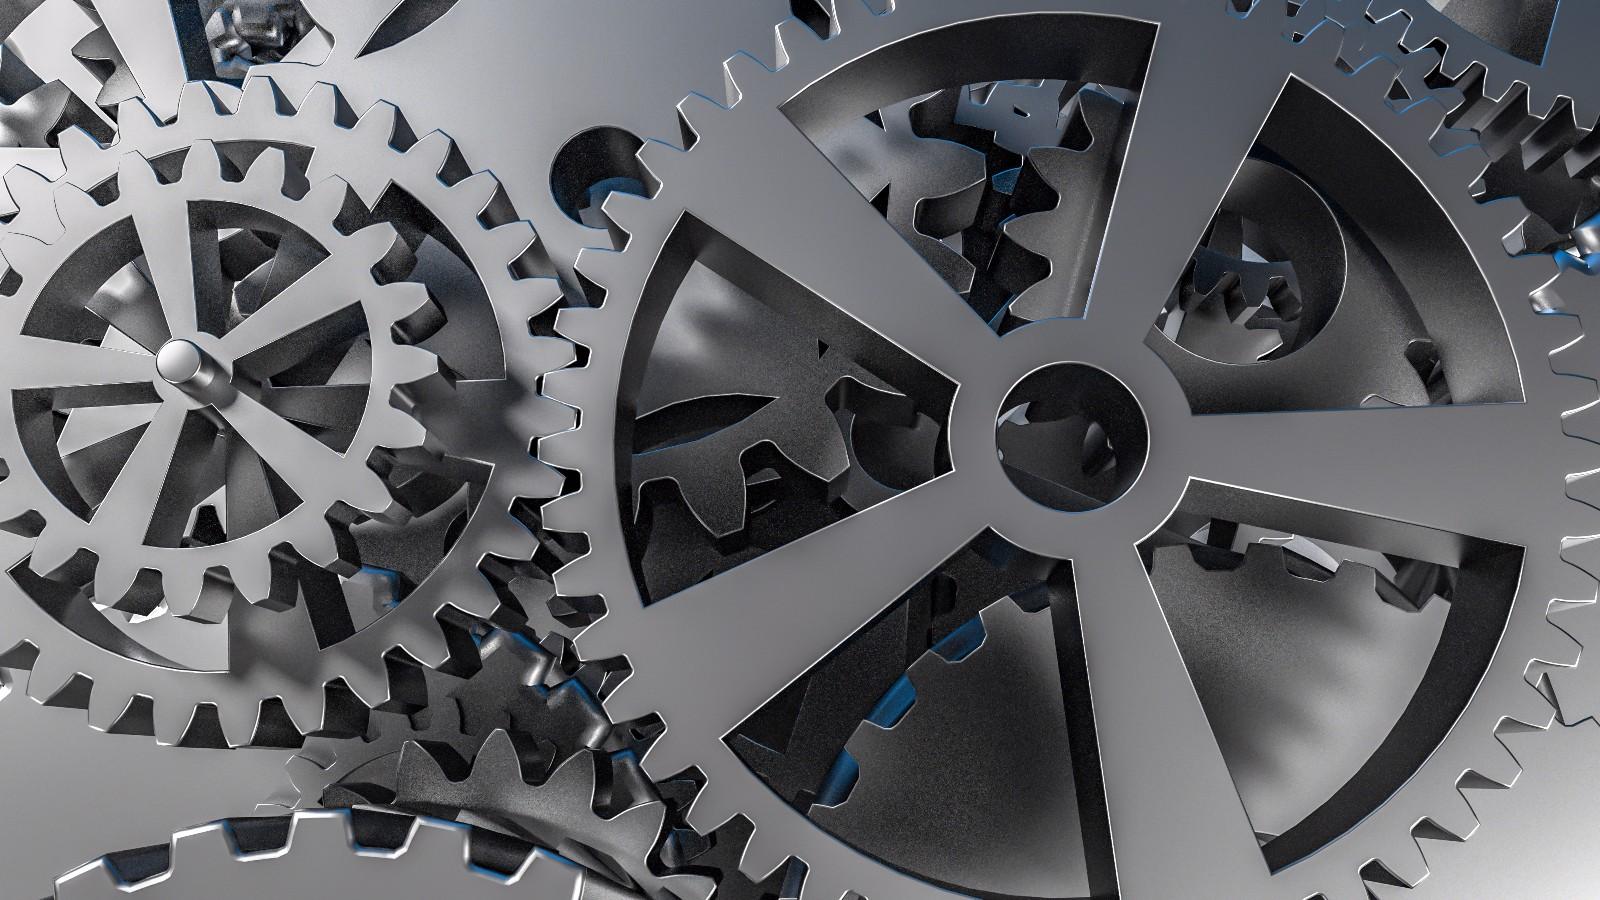 专注软硬件一体的3D视觉和运动控制技术,熵智科技用标准化解决方案实现工业、物流领域智能化升级